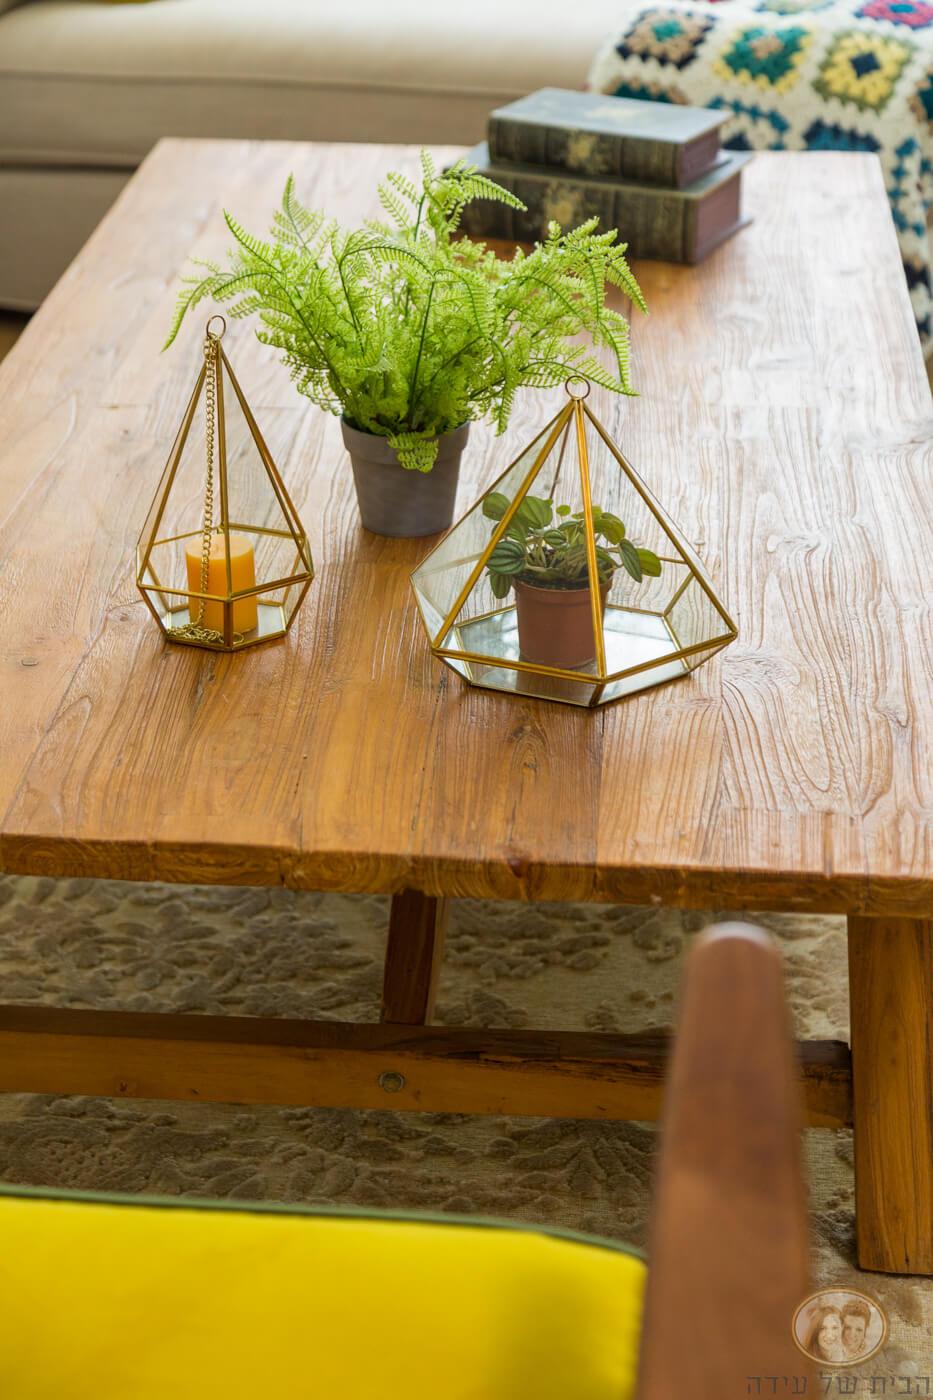 צמחיה מלאכותית בדירה